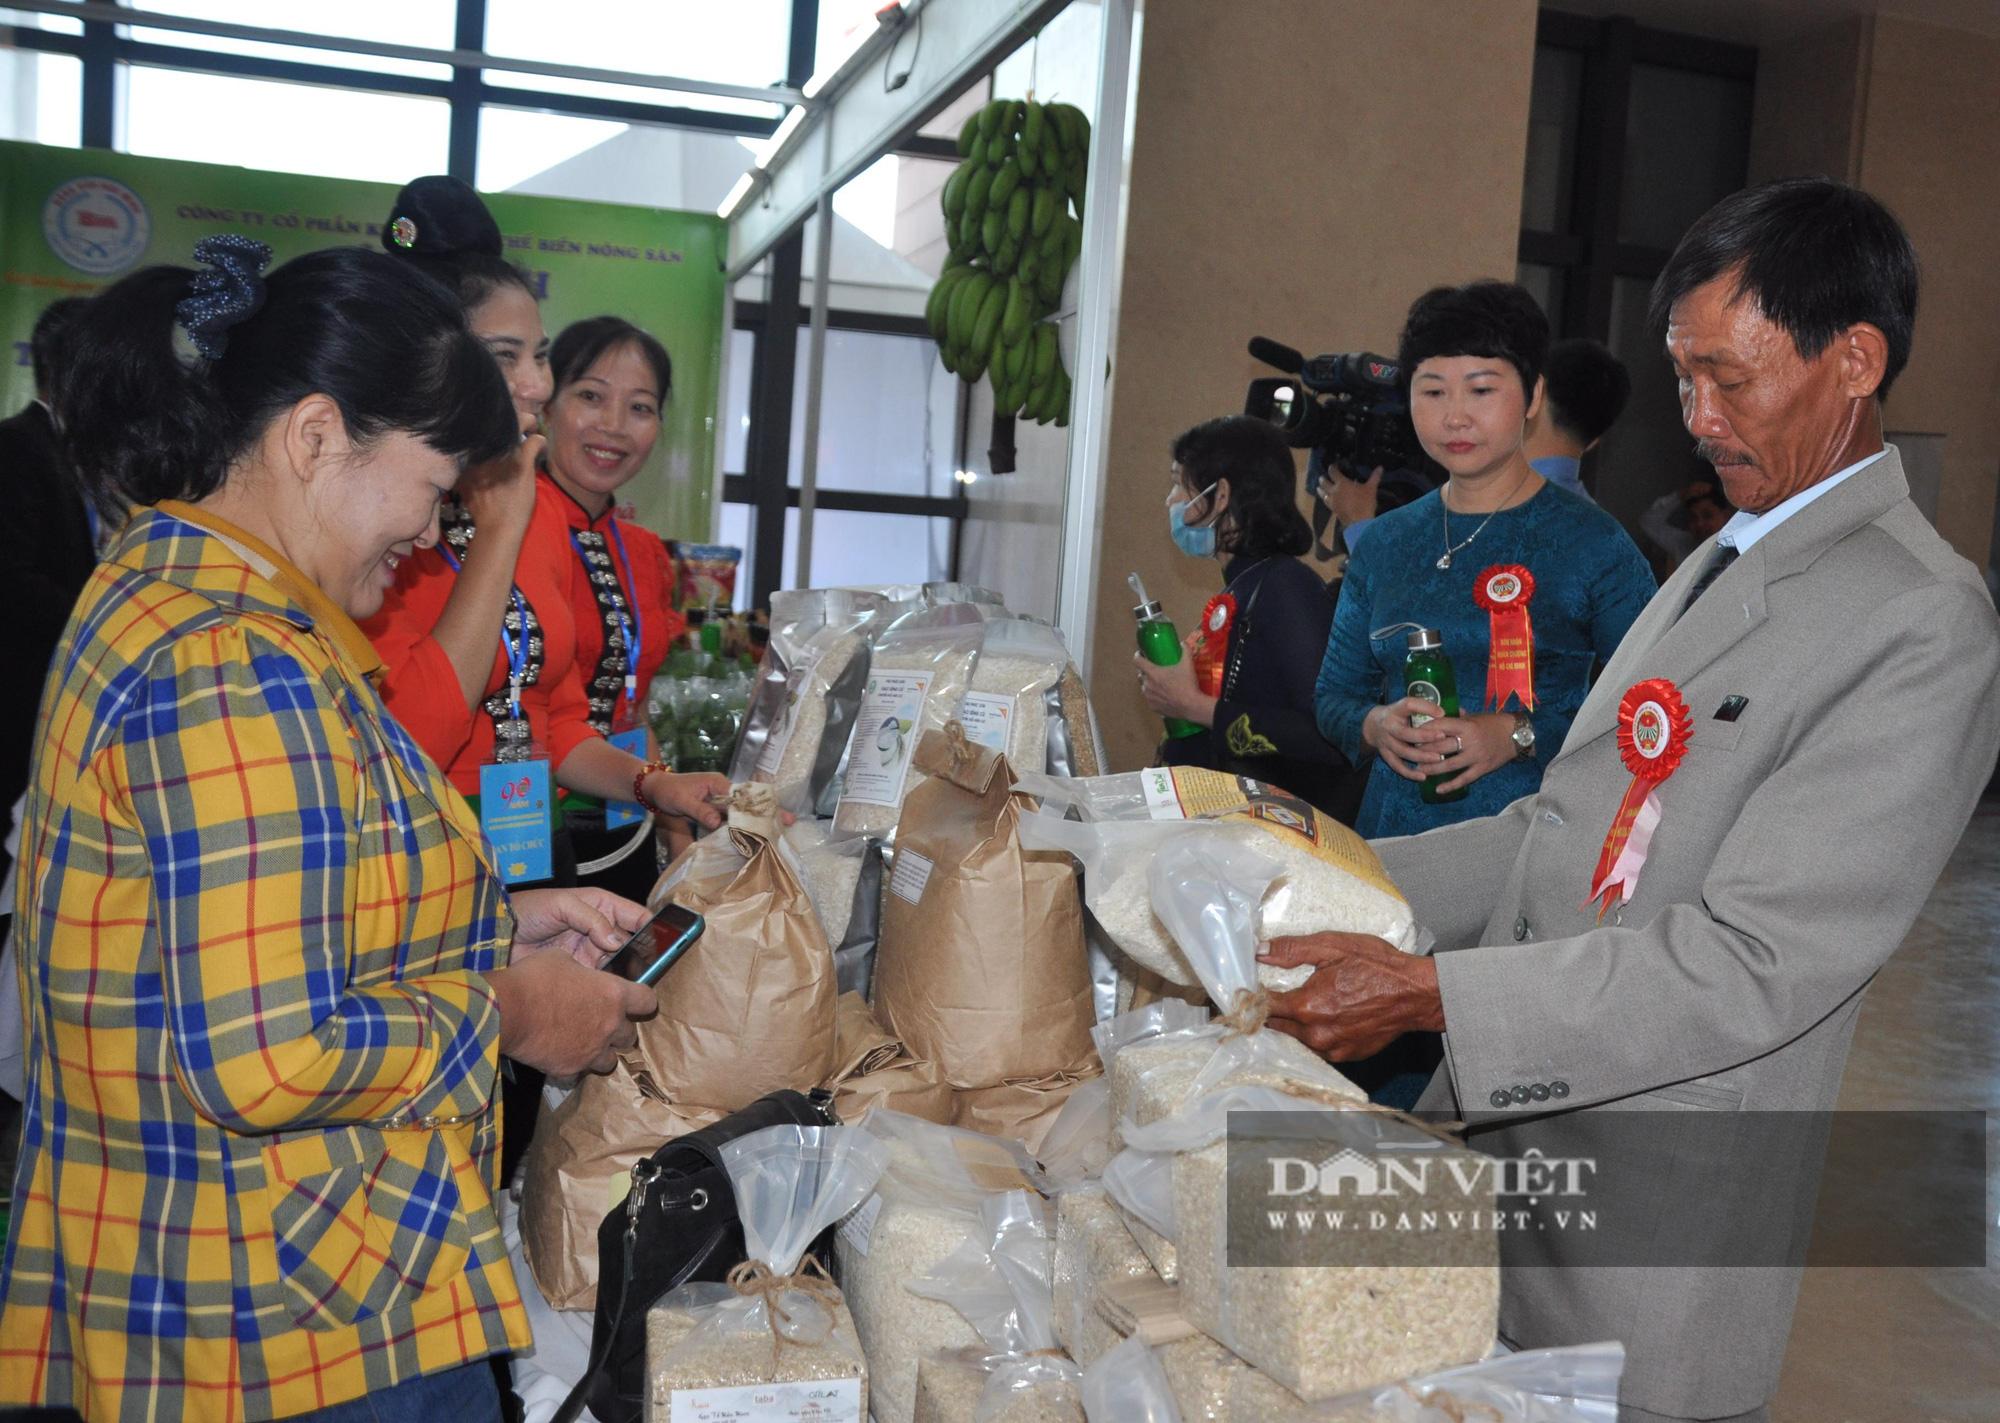 Thủ tướng khen ngợi sản phẩm hữu cơ độc đáo tại Lễ kỷ niệm 90 năm ngày thành lập Hội Nông dân Việt Nam - Ảnh 4.